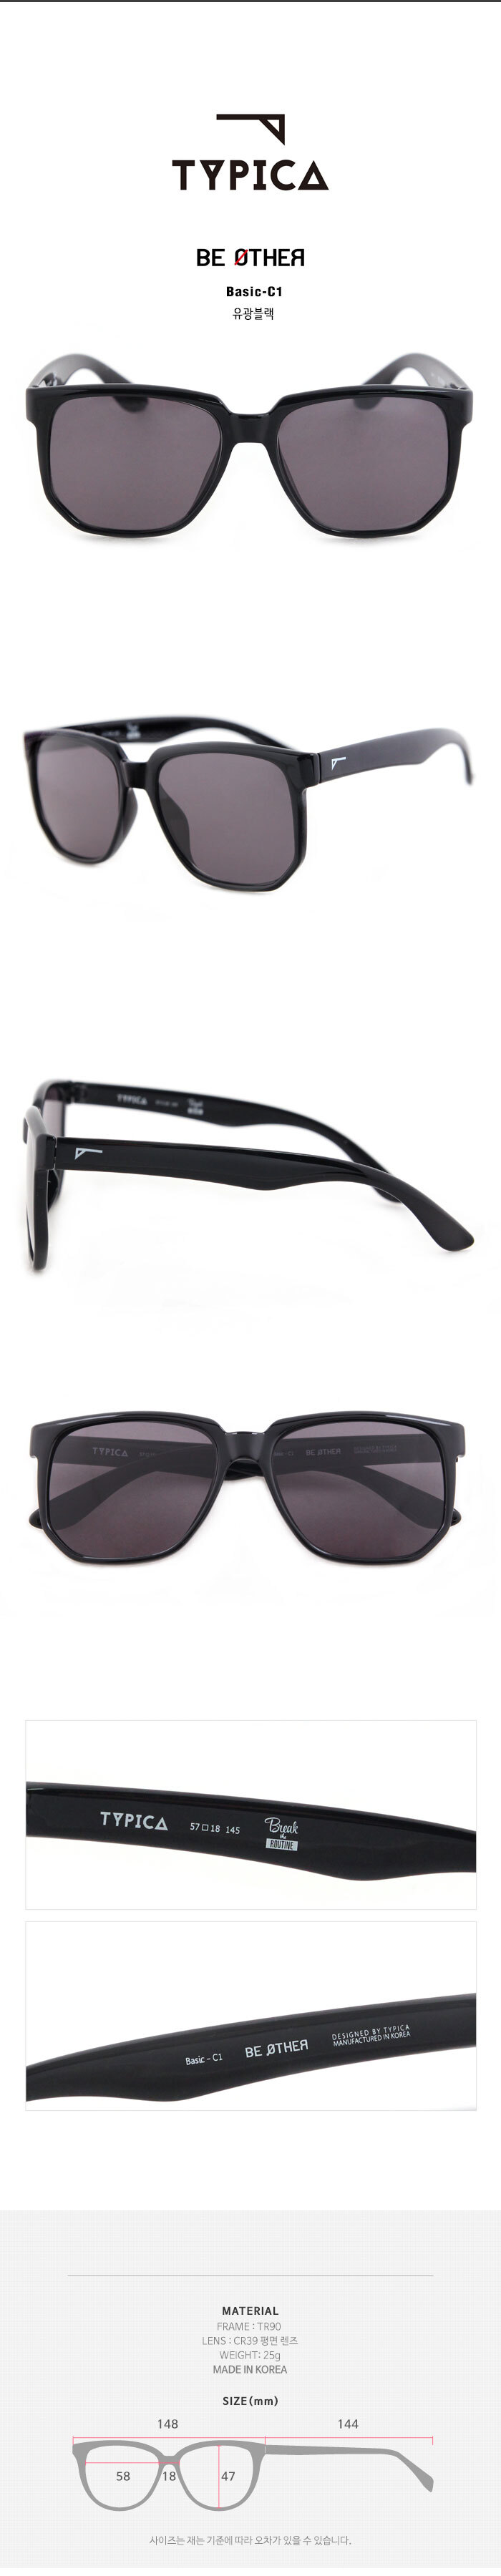 티피카(TYPICA) BE OTHER Basic-C1 유광블랙 패션선글라스